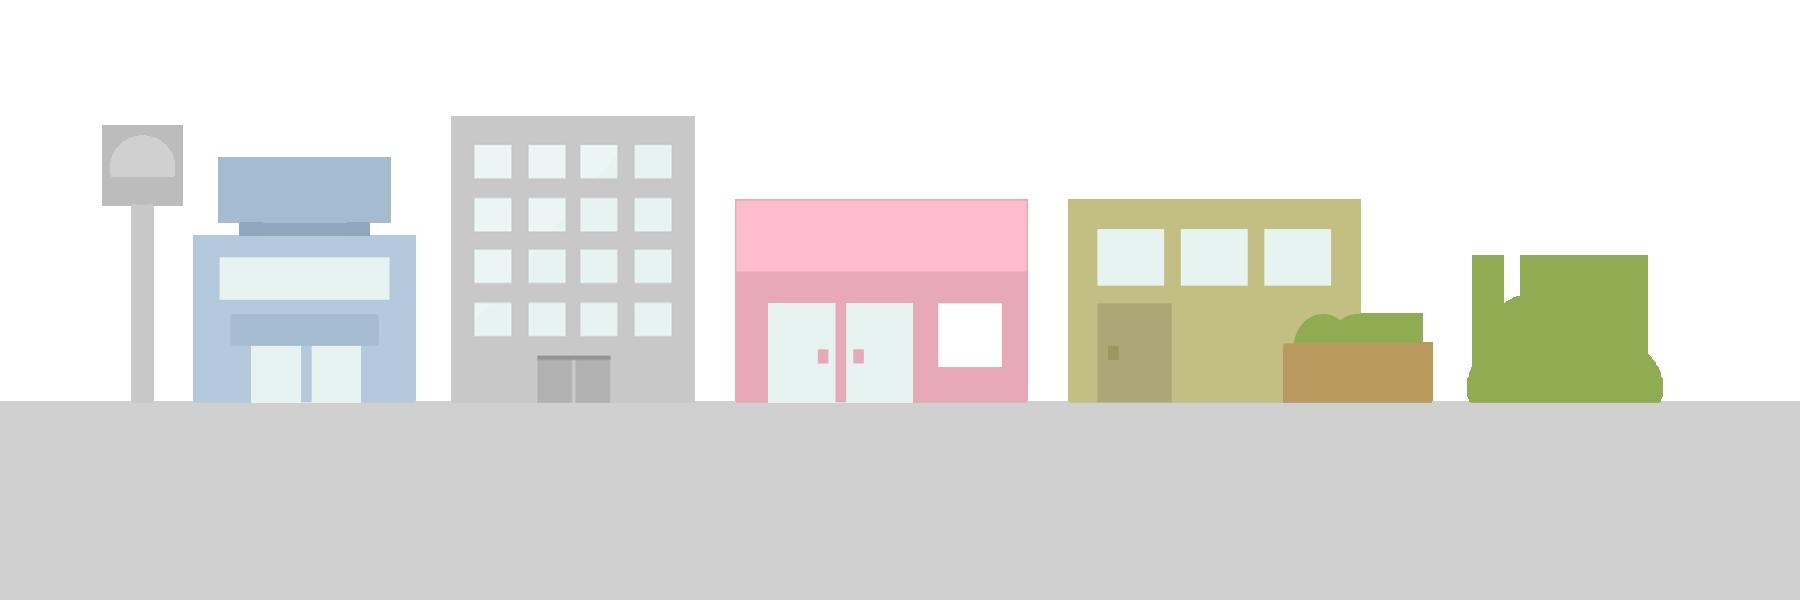 ビルやお店・商業施設が並んでいるイラスト